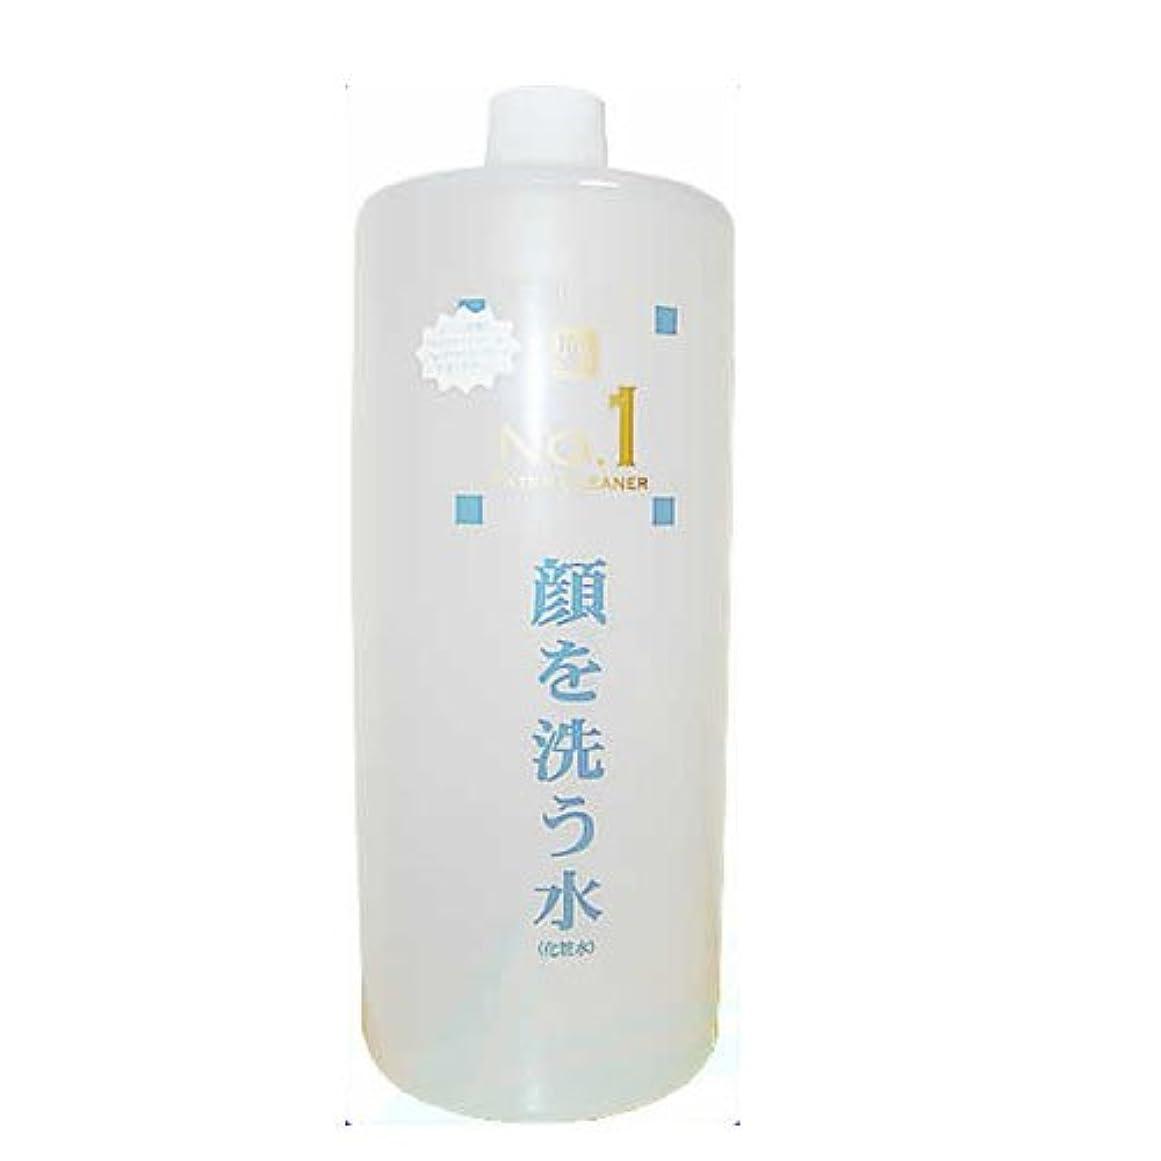 顔を洗う水シリーズ No.1 250ml